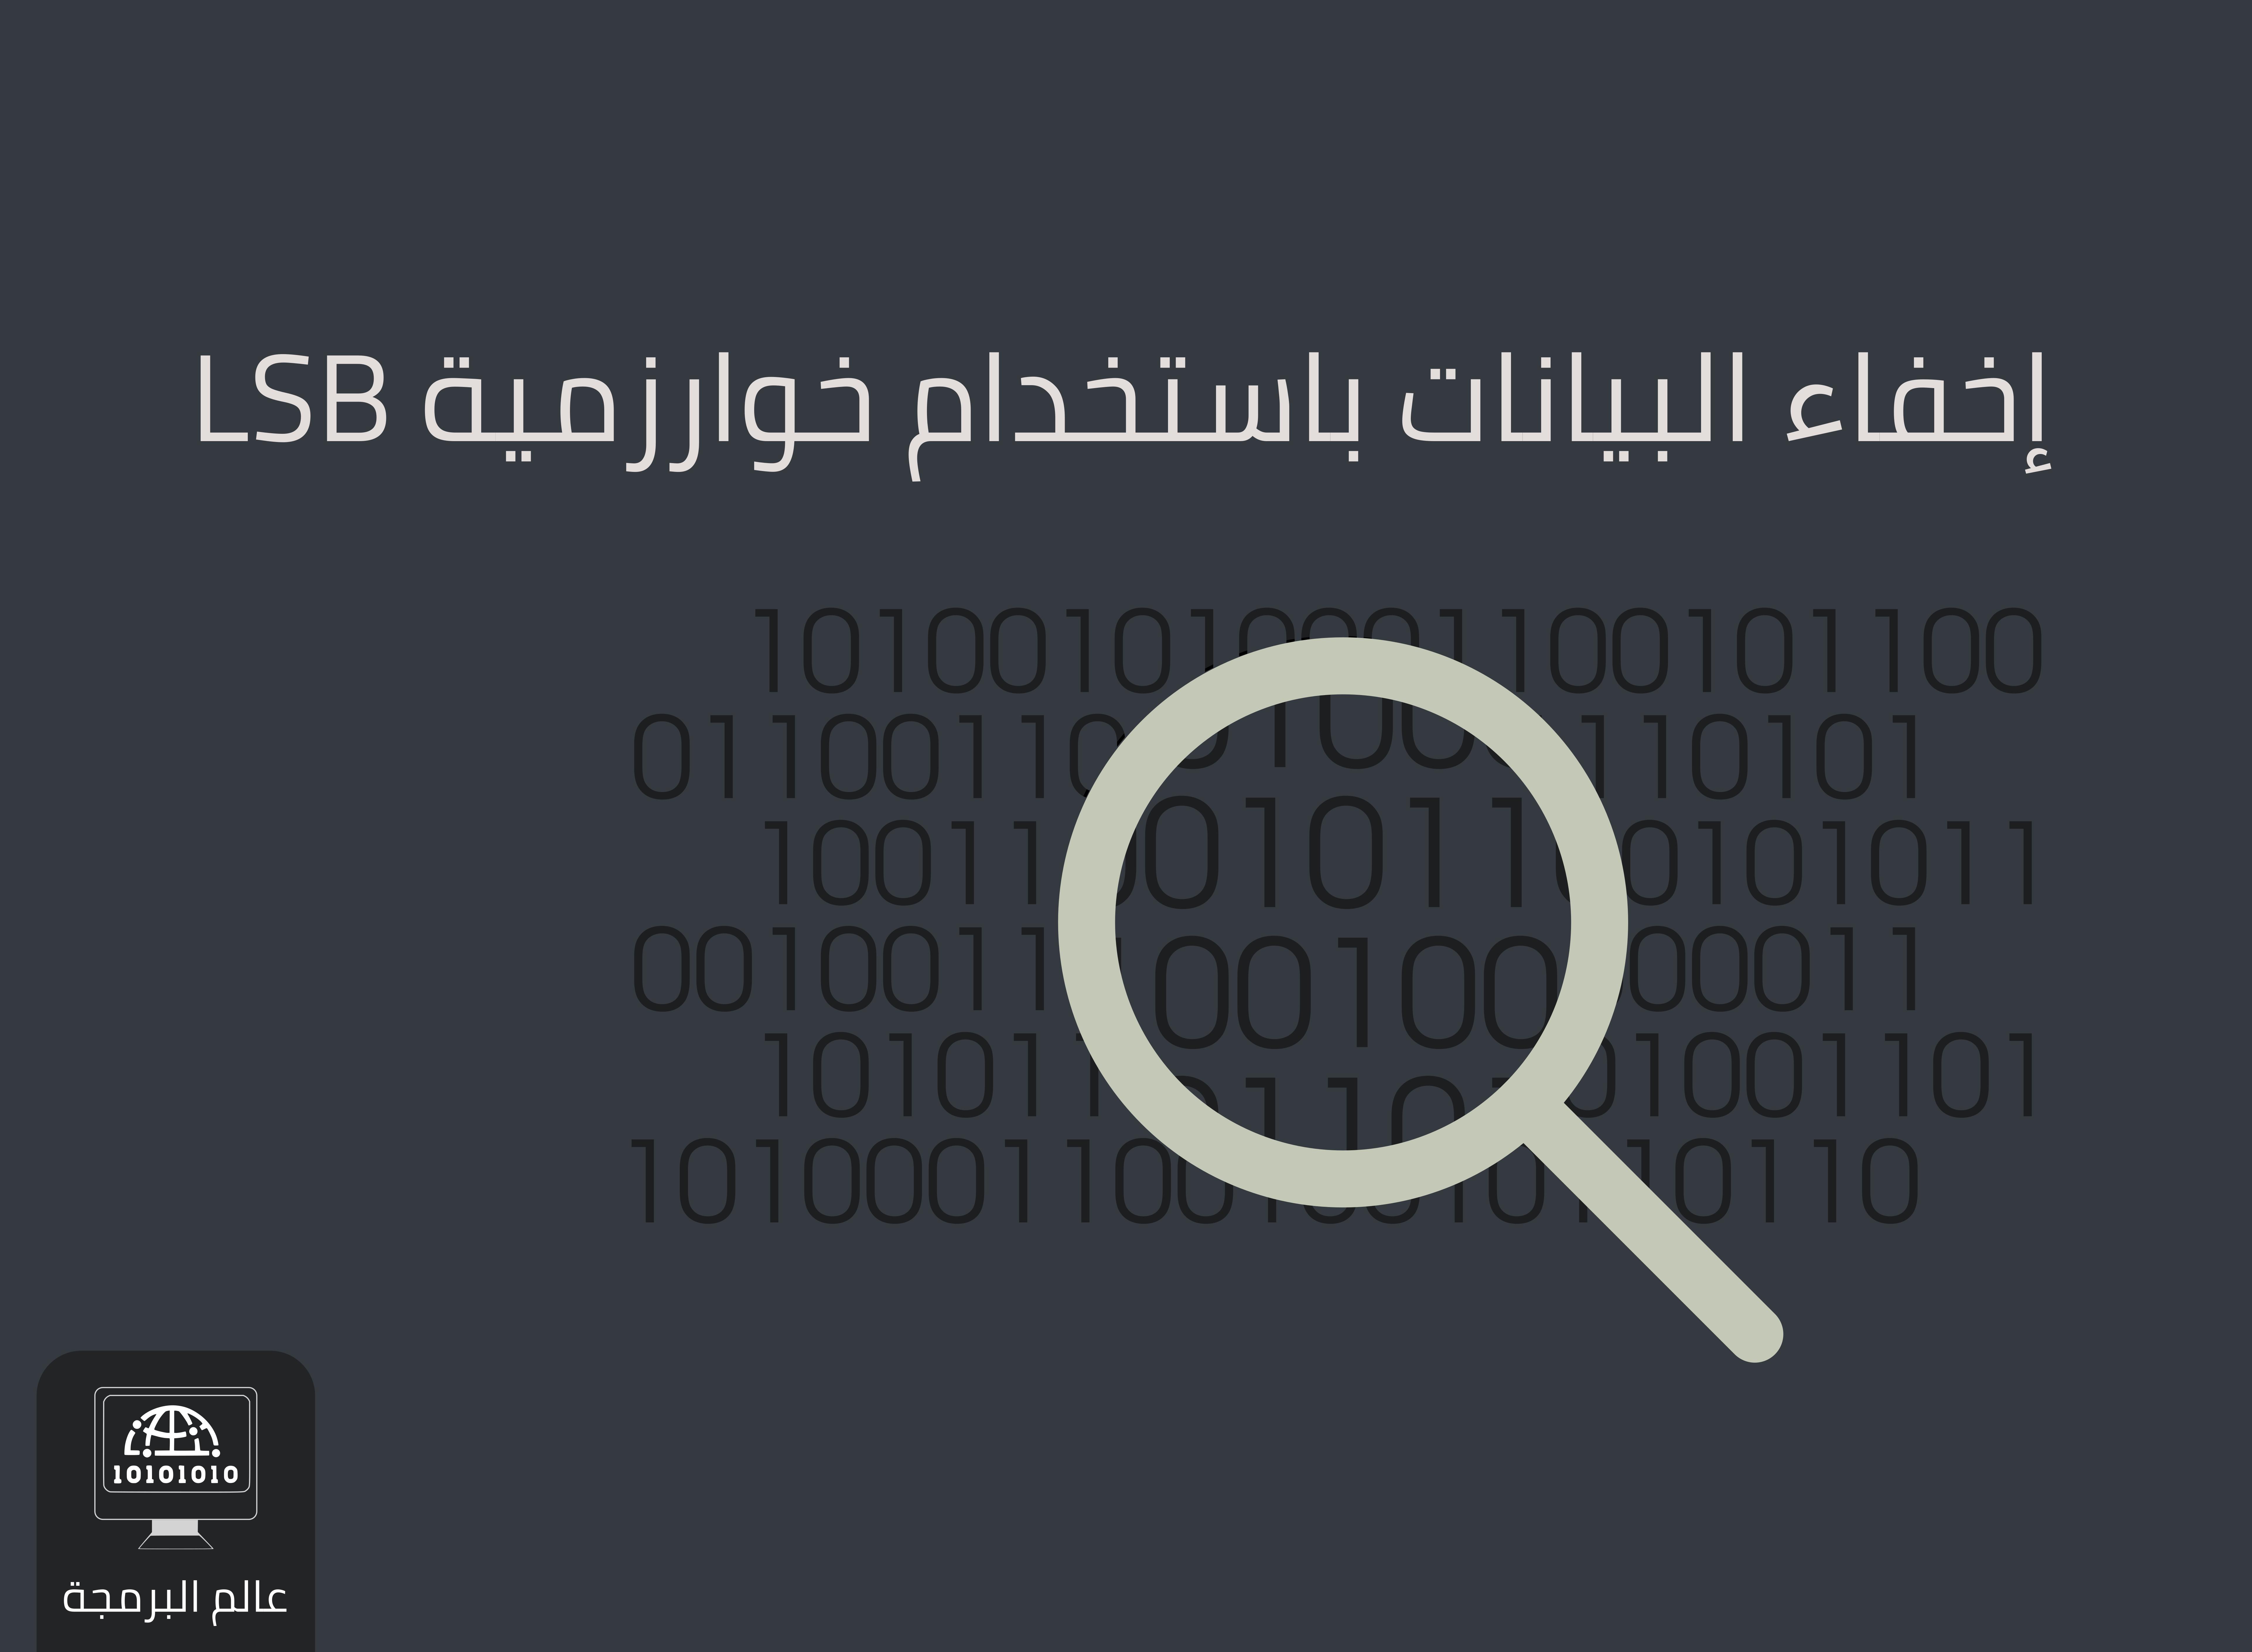 نبذة عن علم إخفاء البيانات وتطبيق خوارزمية LSB باستخدام PHP